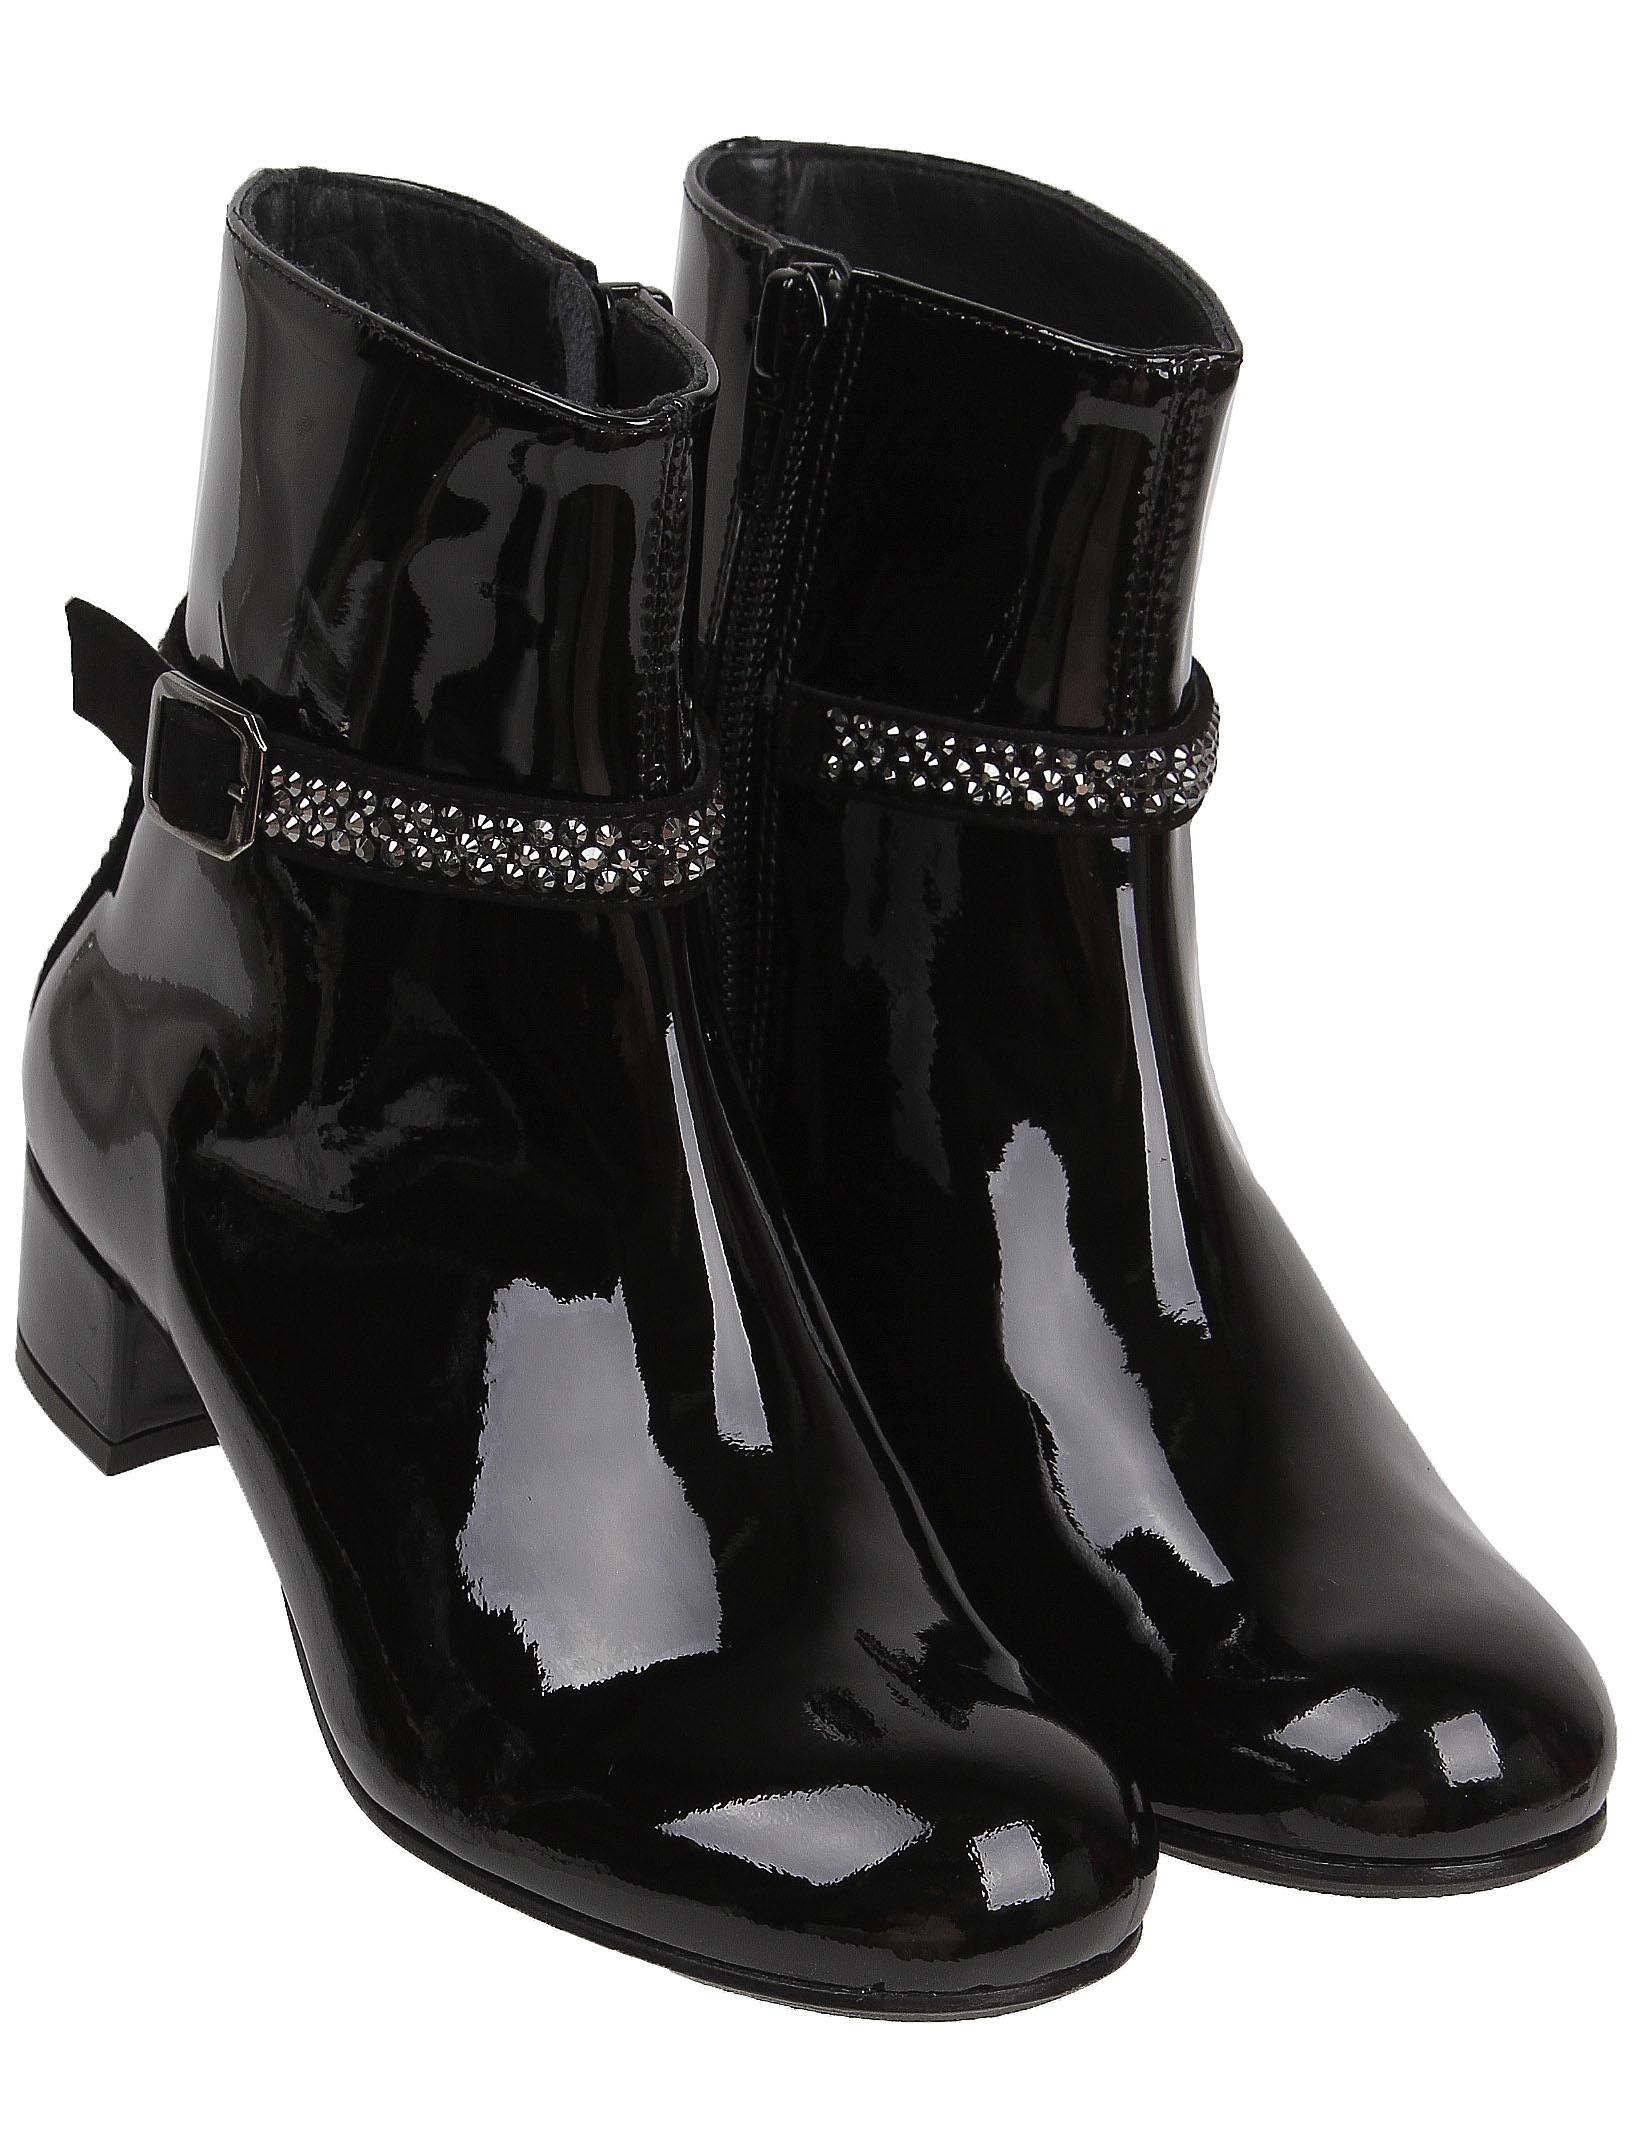 2236624, Ботинки Missouri, черный, Женский, 2034509080629  - купить со скидкой